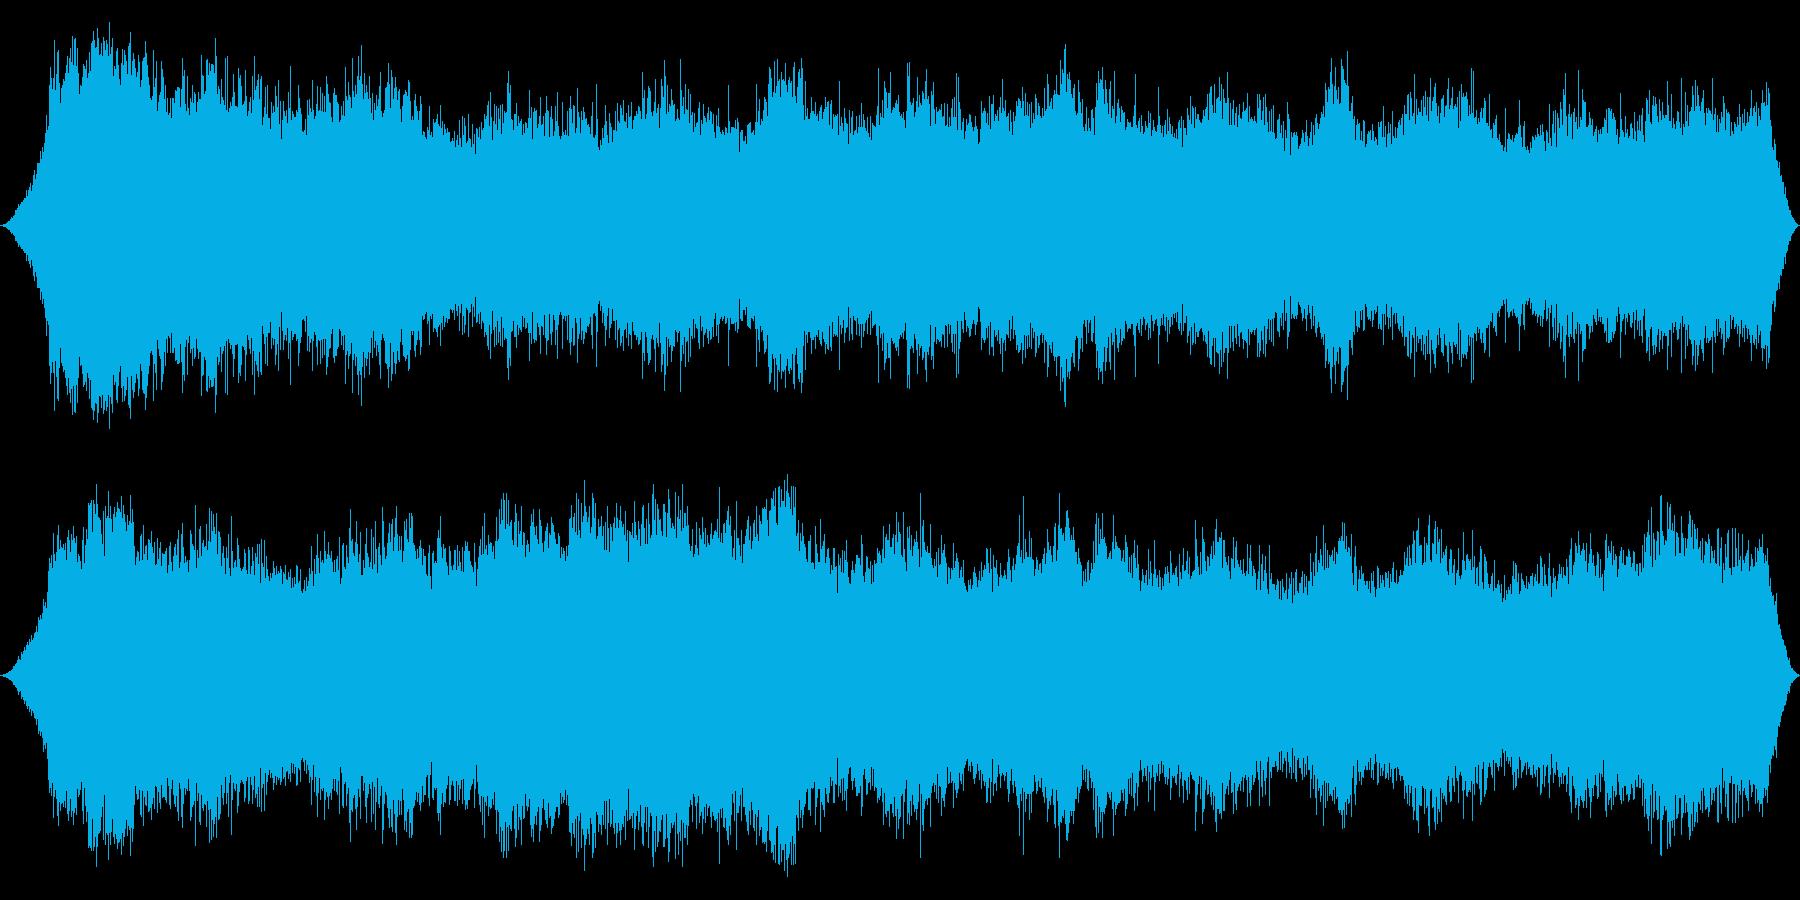 山頂風:低い口histの突風が絶え...の再生済みの波形